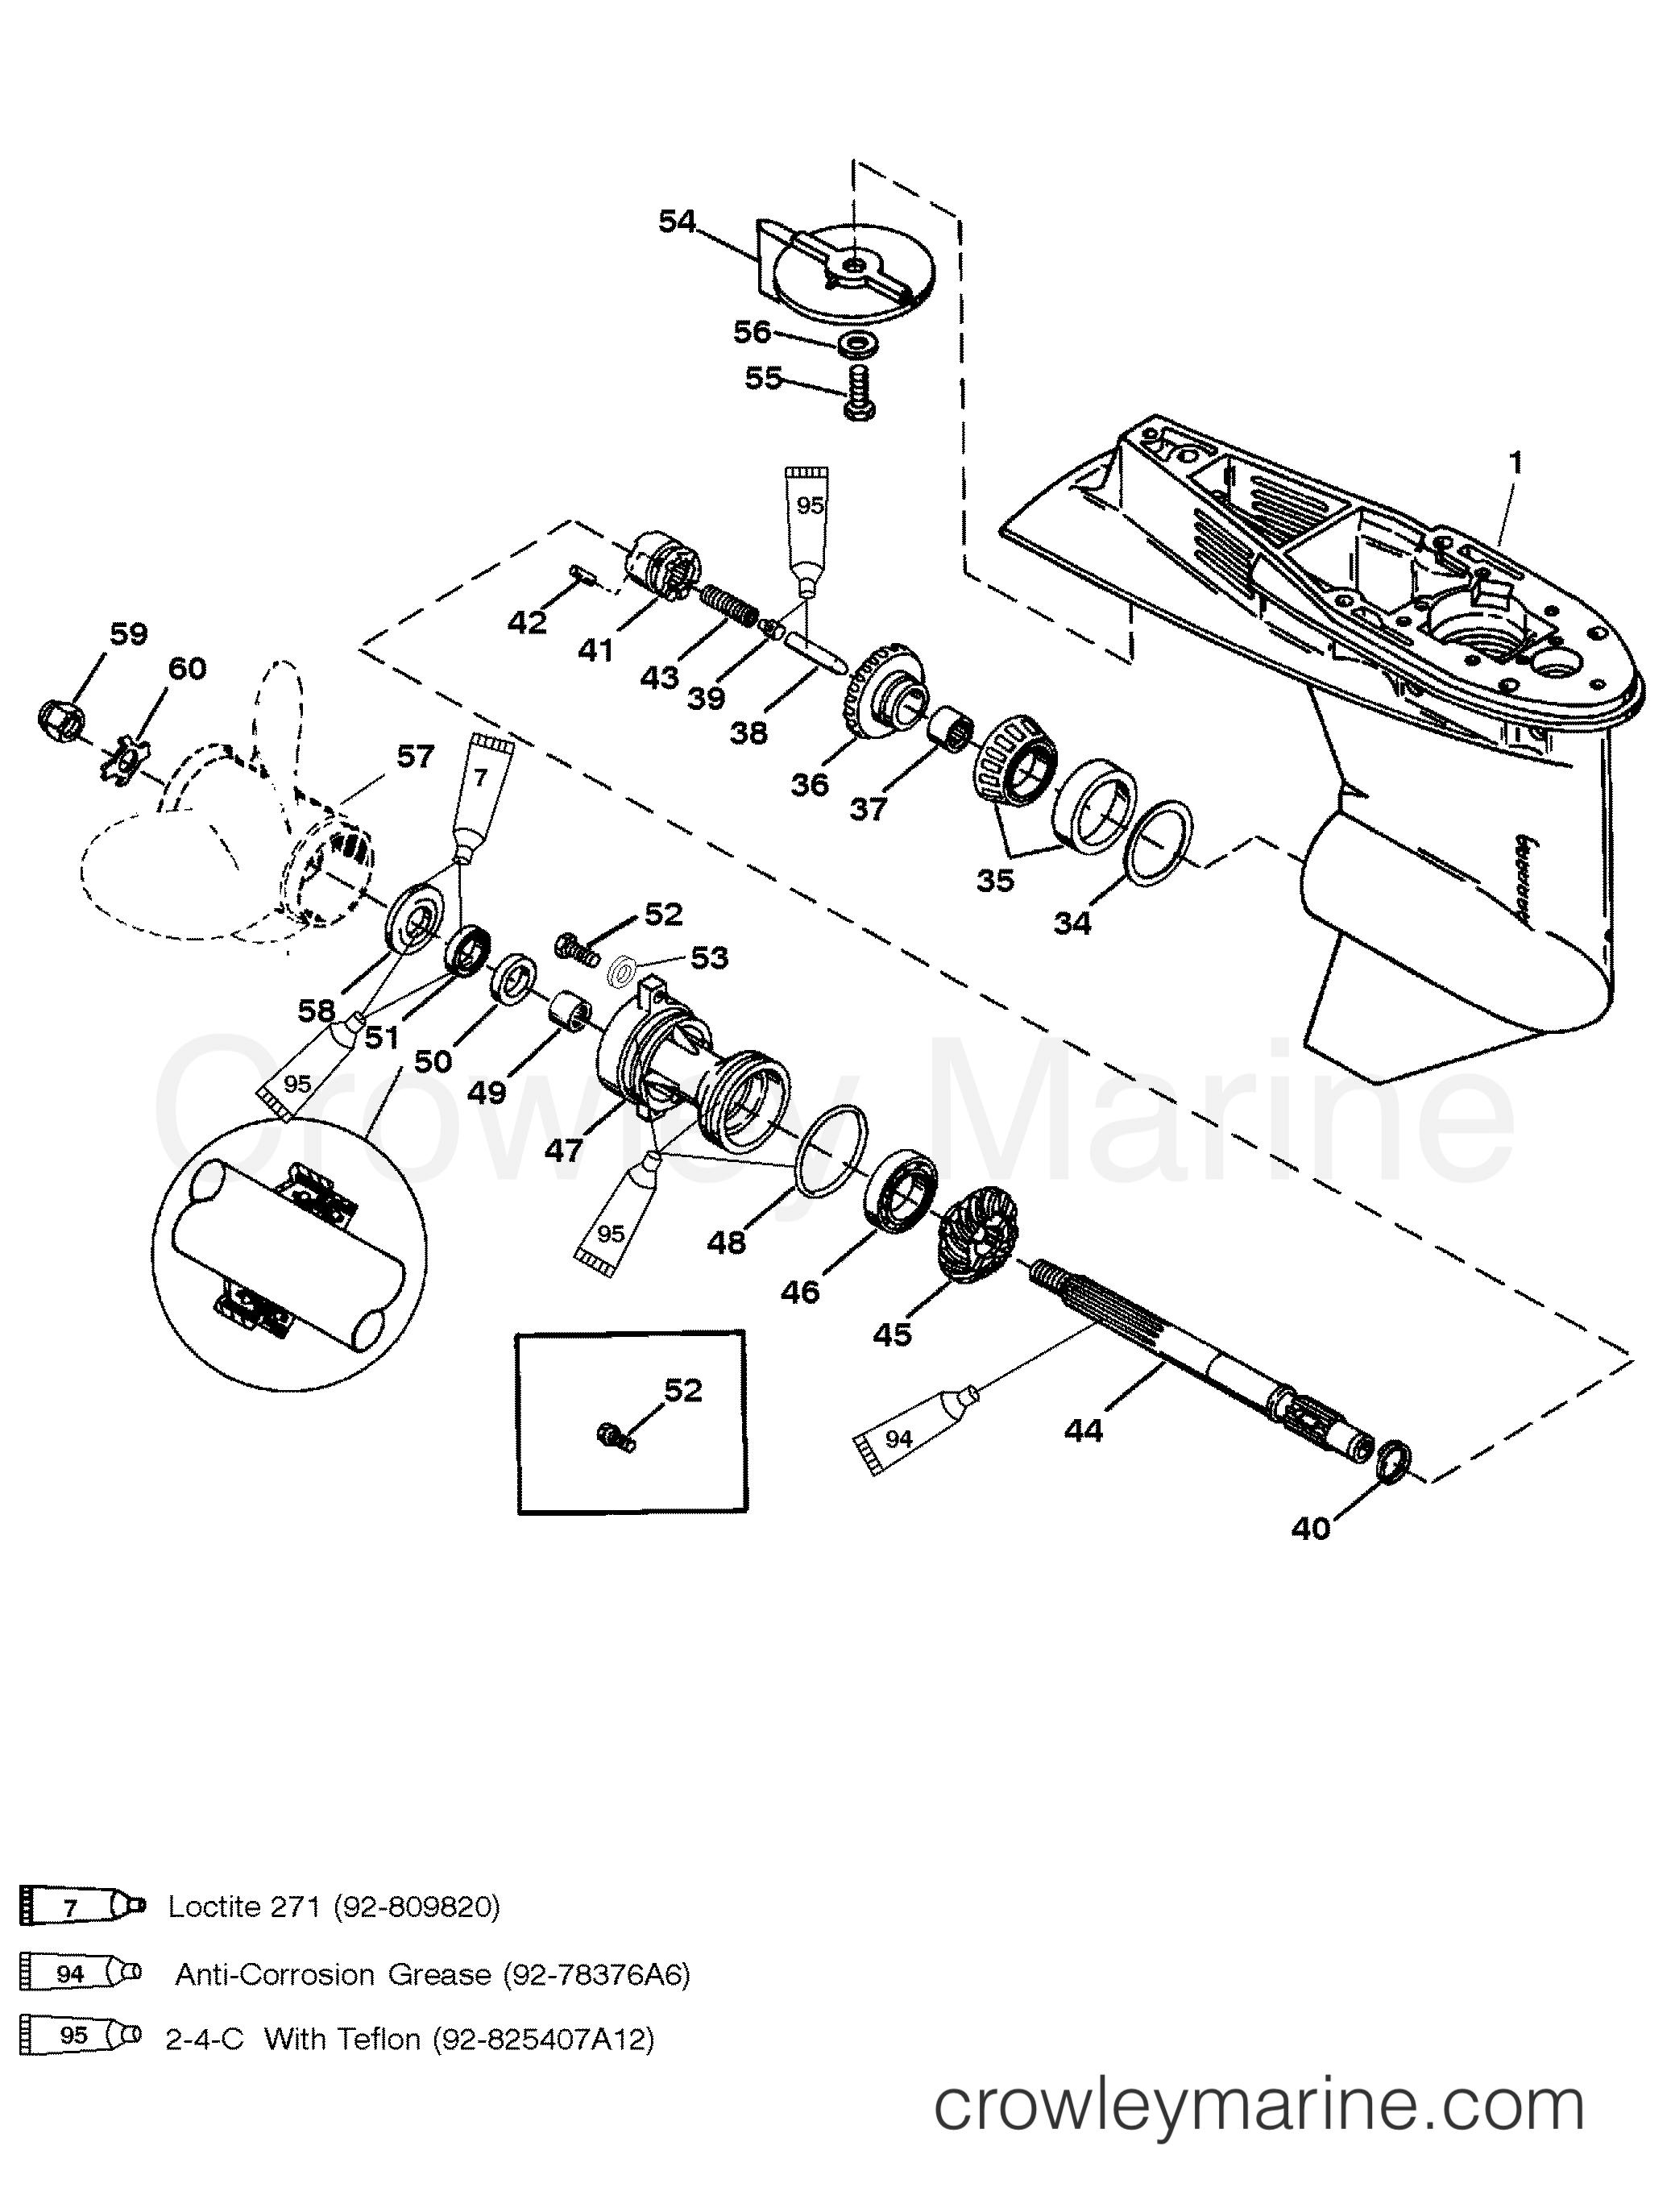 Gear Housing Propeller Shaft 50 55 60